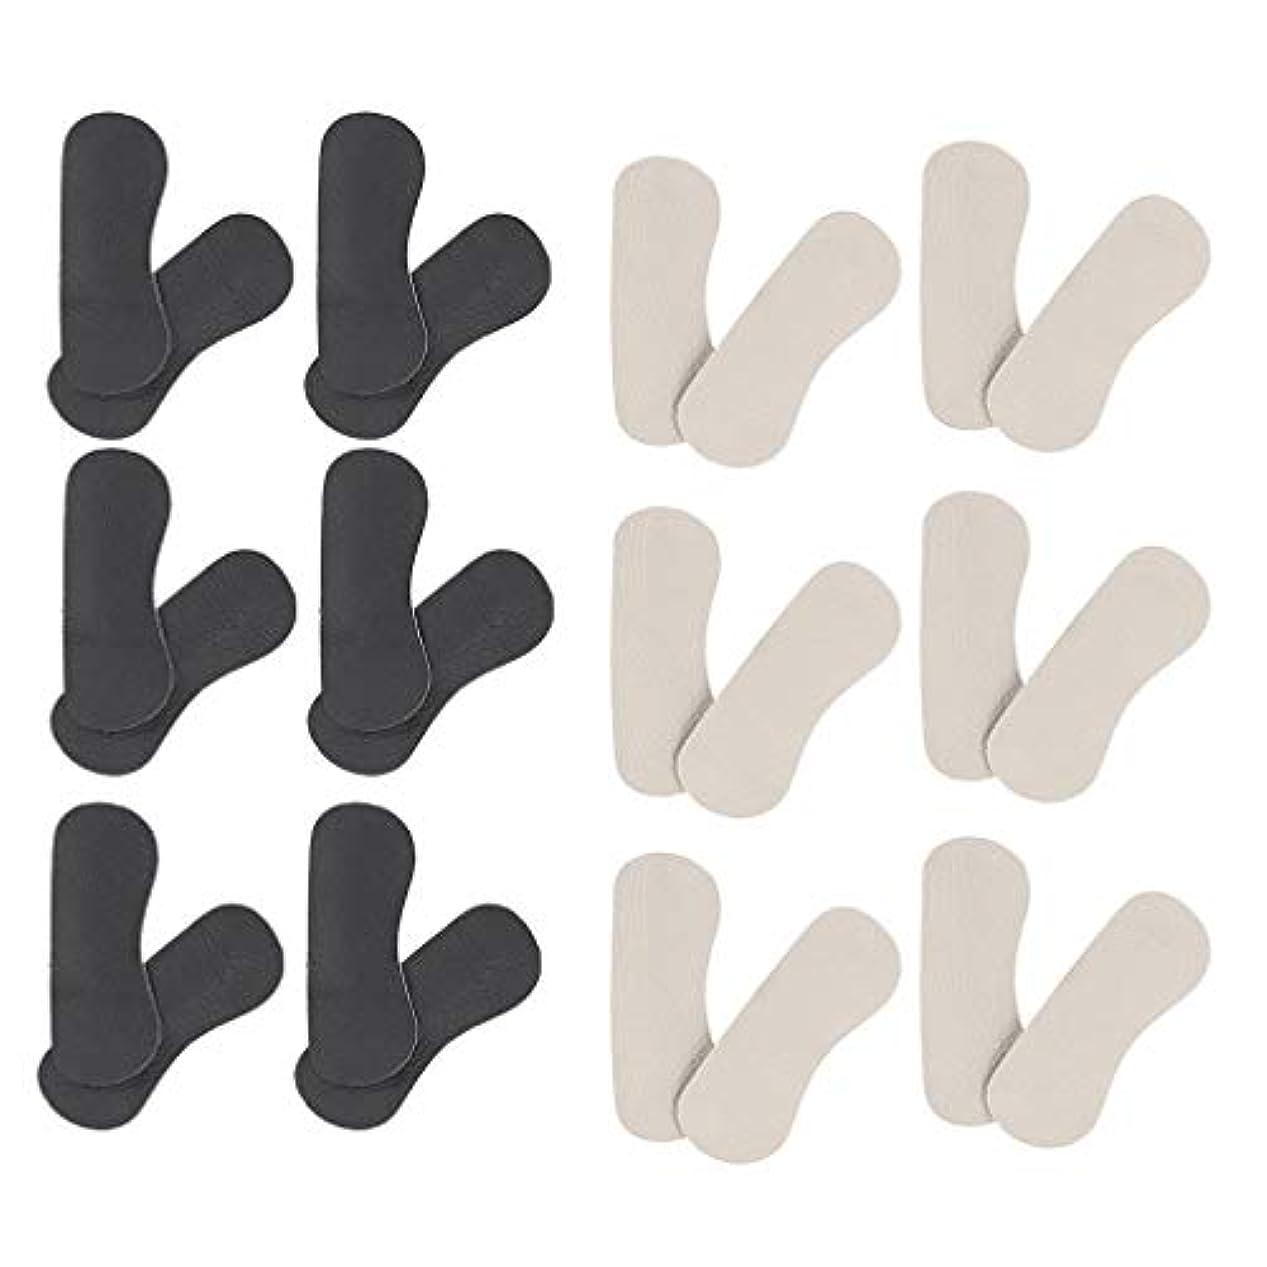 第五ジョグおとこP Prettyia 靴擦れ防止 かかと パッドクッション パカパカ防止 ヒールパッド 踵 保護 ハイヒール 革靴 スニーカーに対応